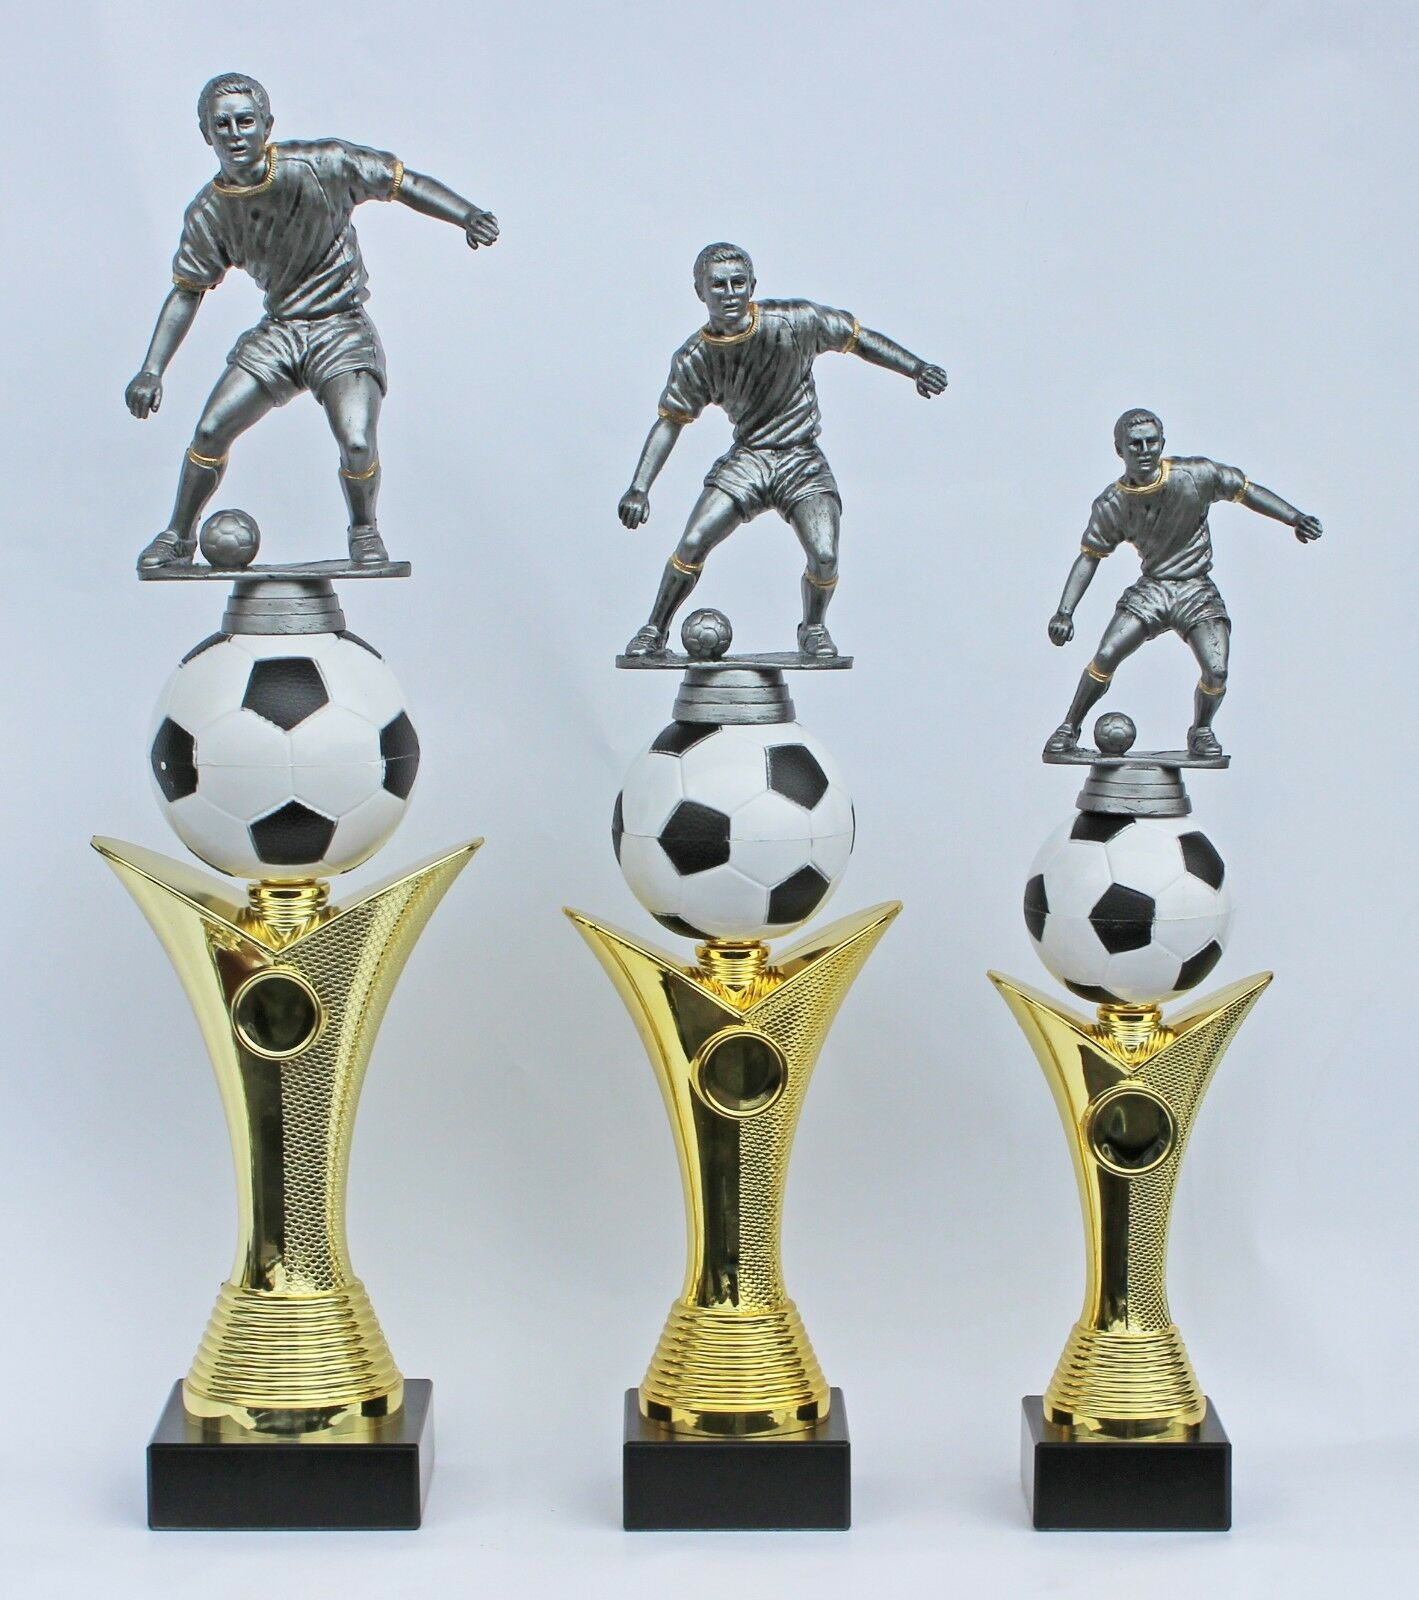 Pokal Fußballpokale 3er-Serie mit Gravuren und Emblemen Emblemen Emblemen auch mit Damenfigur 4b2d4d